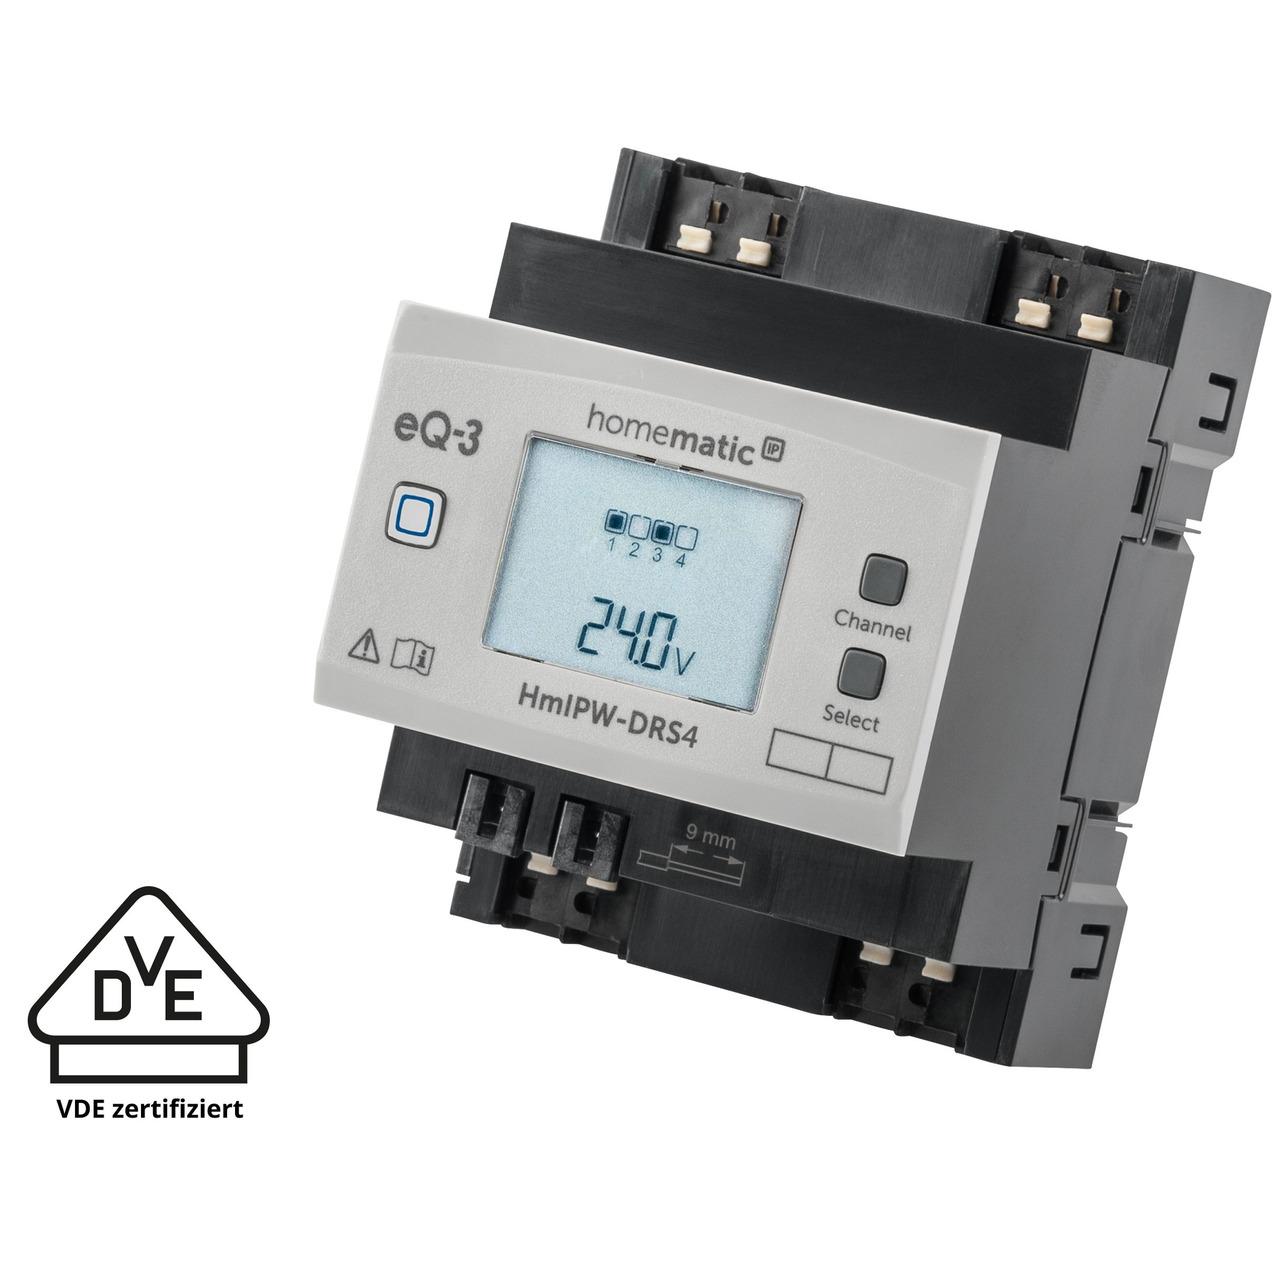 Homematic IP Wired Smart Home 4-fach-Schaltaktor HmIPW-DRS4- VDE zertifiziert